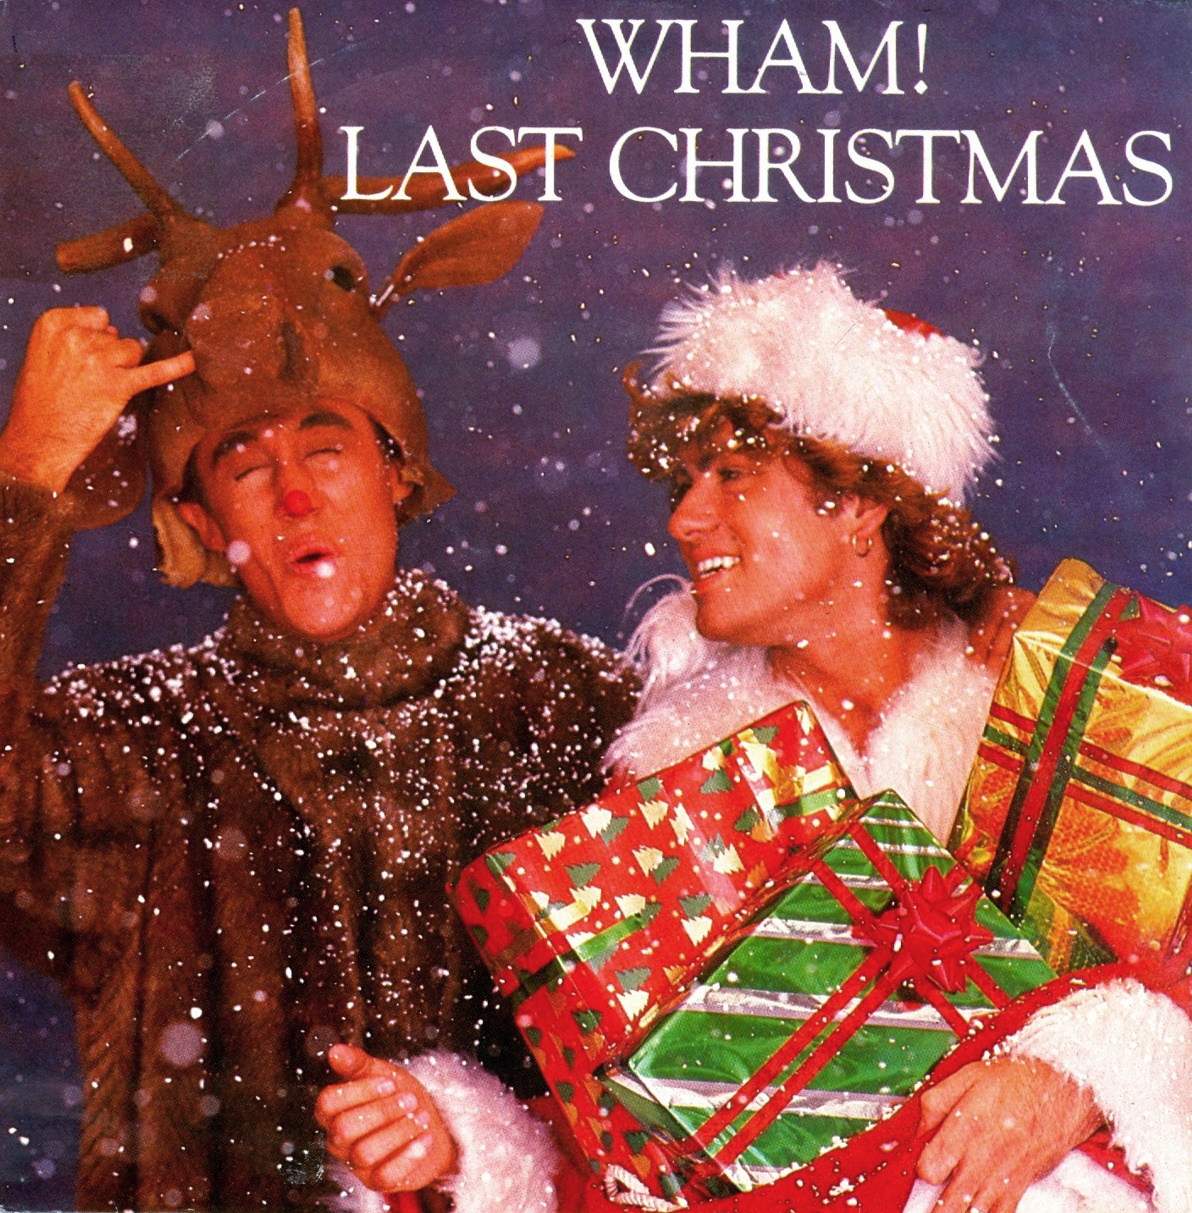 Nielsen Music назвала топ 10 самых скачиваемых рождественских песен всех времен 1